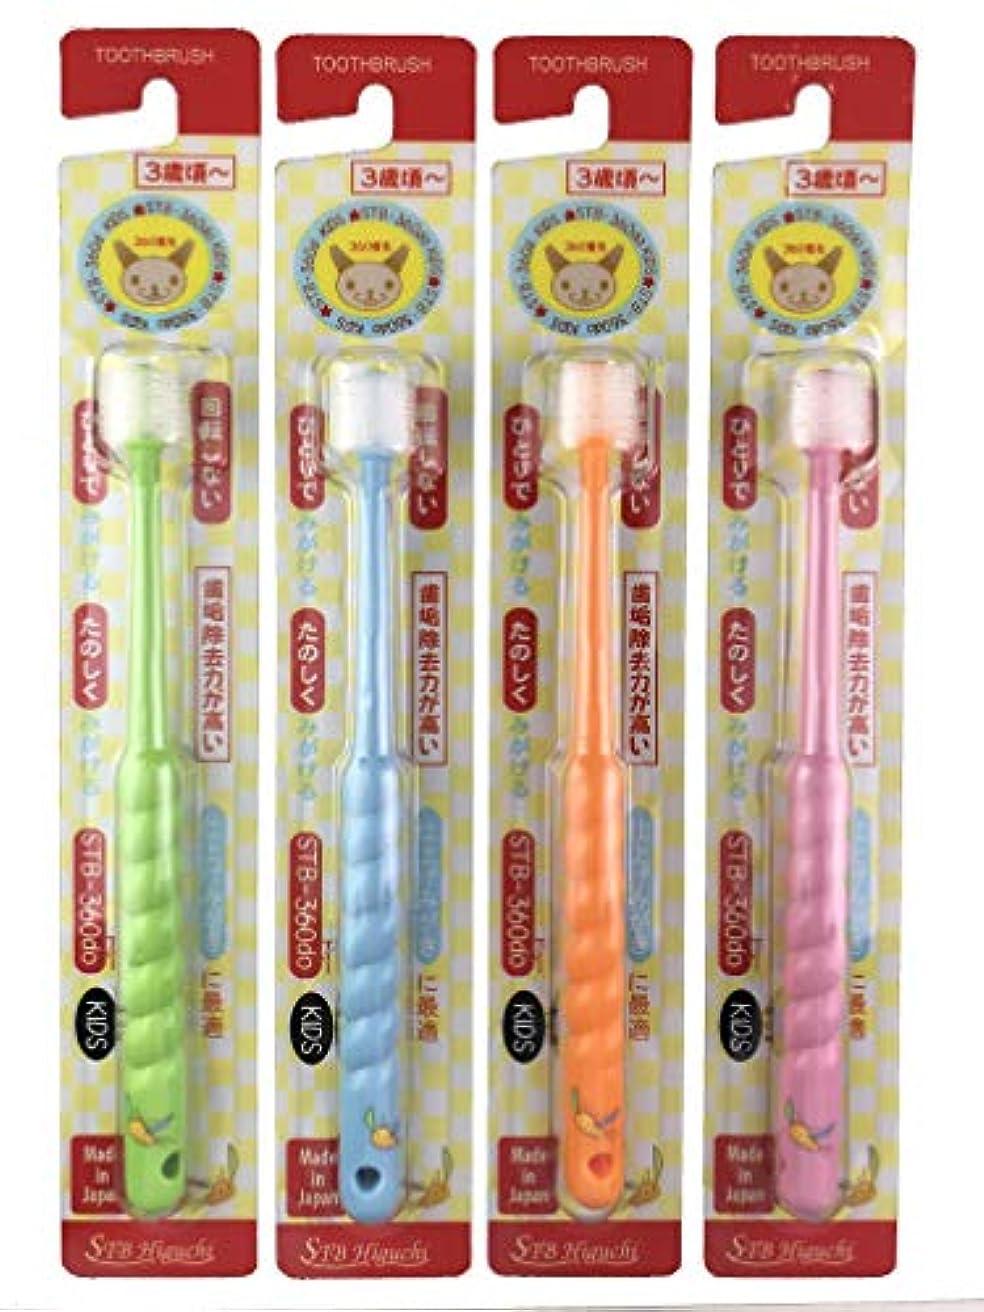 360度毛歯ブラシ STB-360do キッズ (カラーは1色おまかせ)